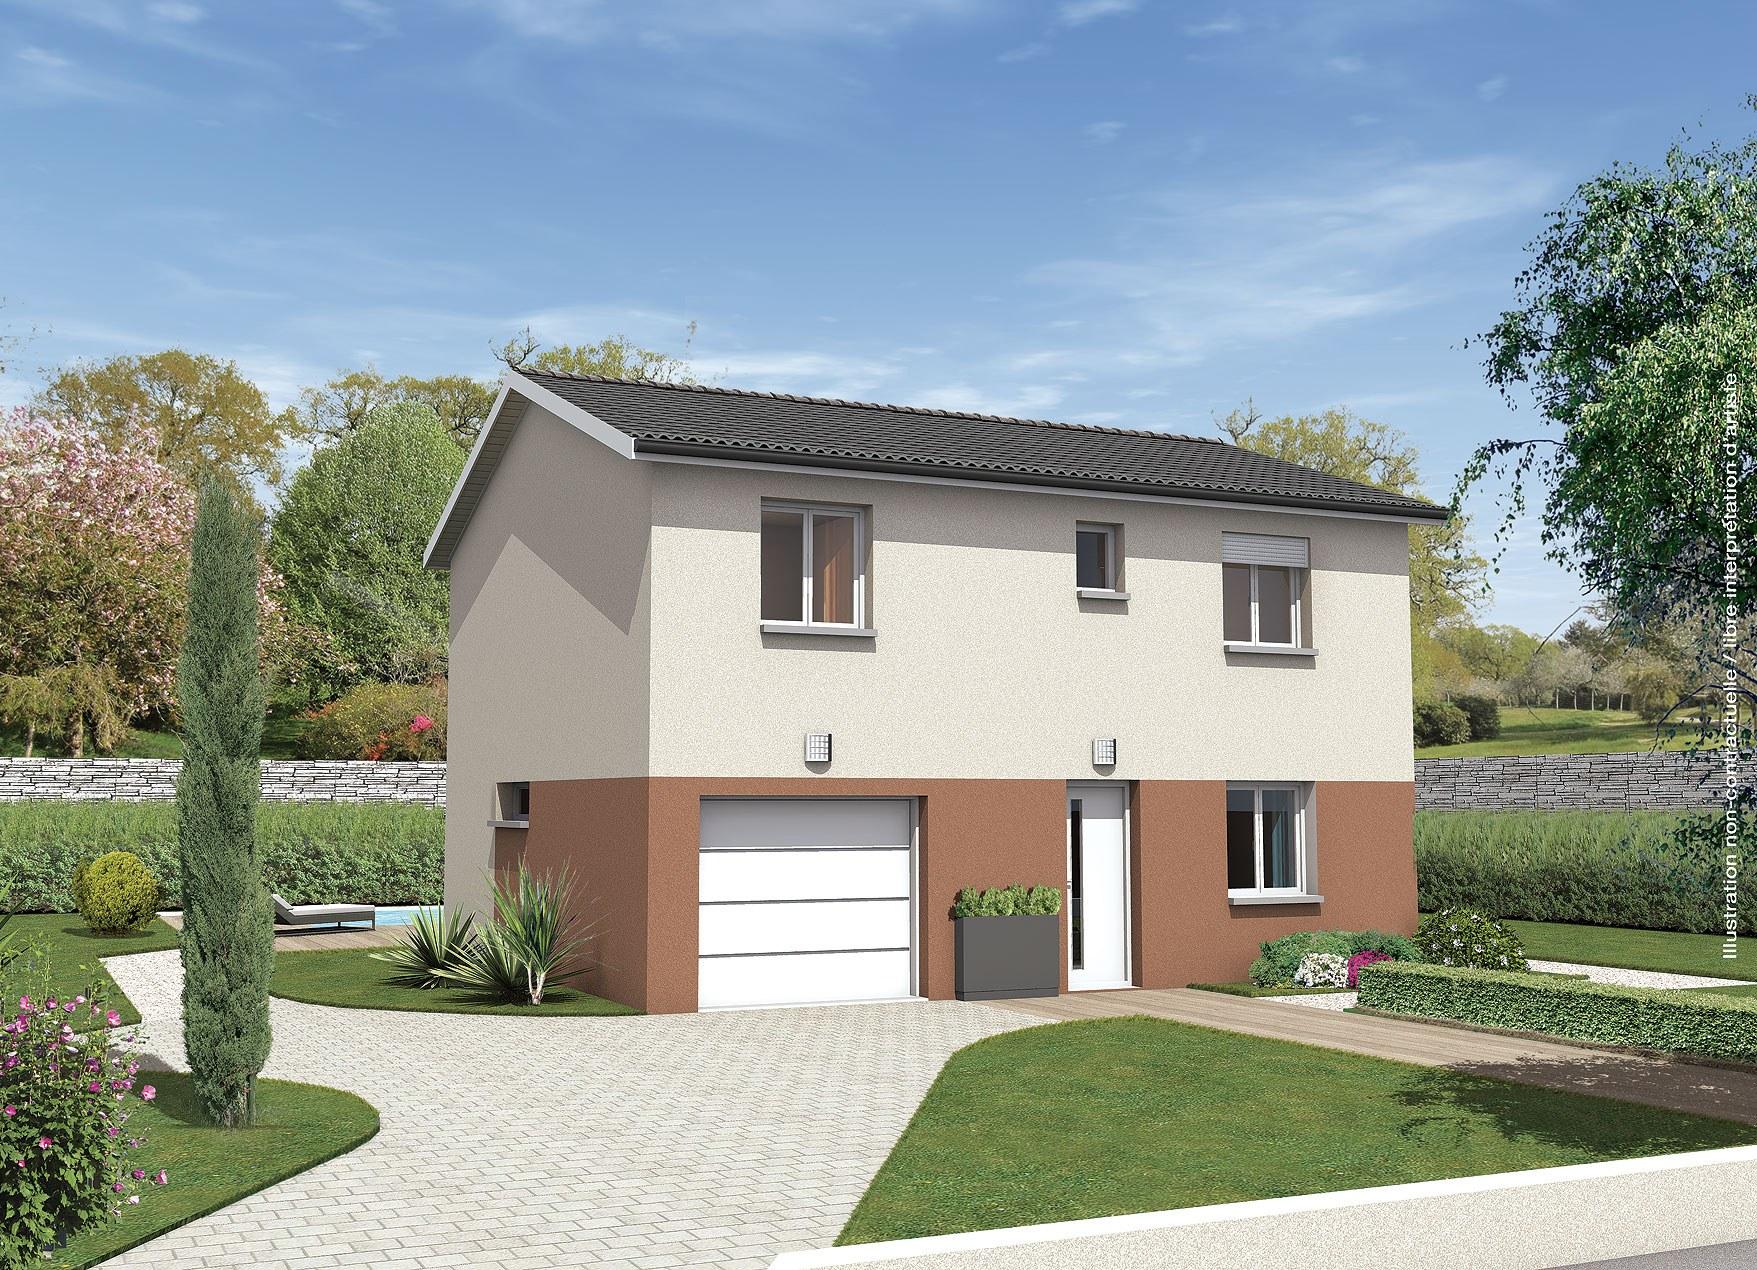 Maisons + Terrains du constructeur MAISONS PUNCH BOURGOIN • 90 m² • BOURGOIN JALLIEU